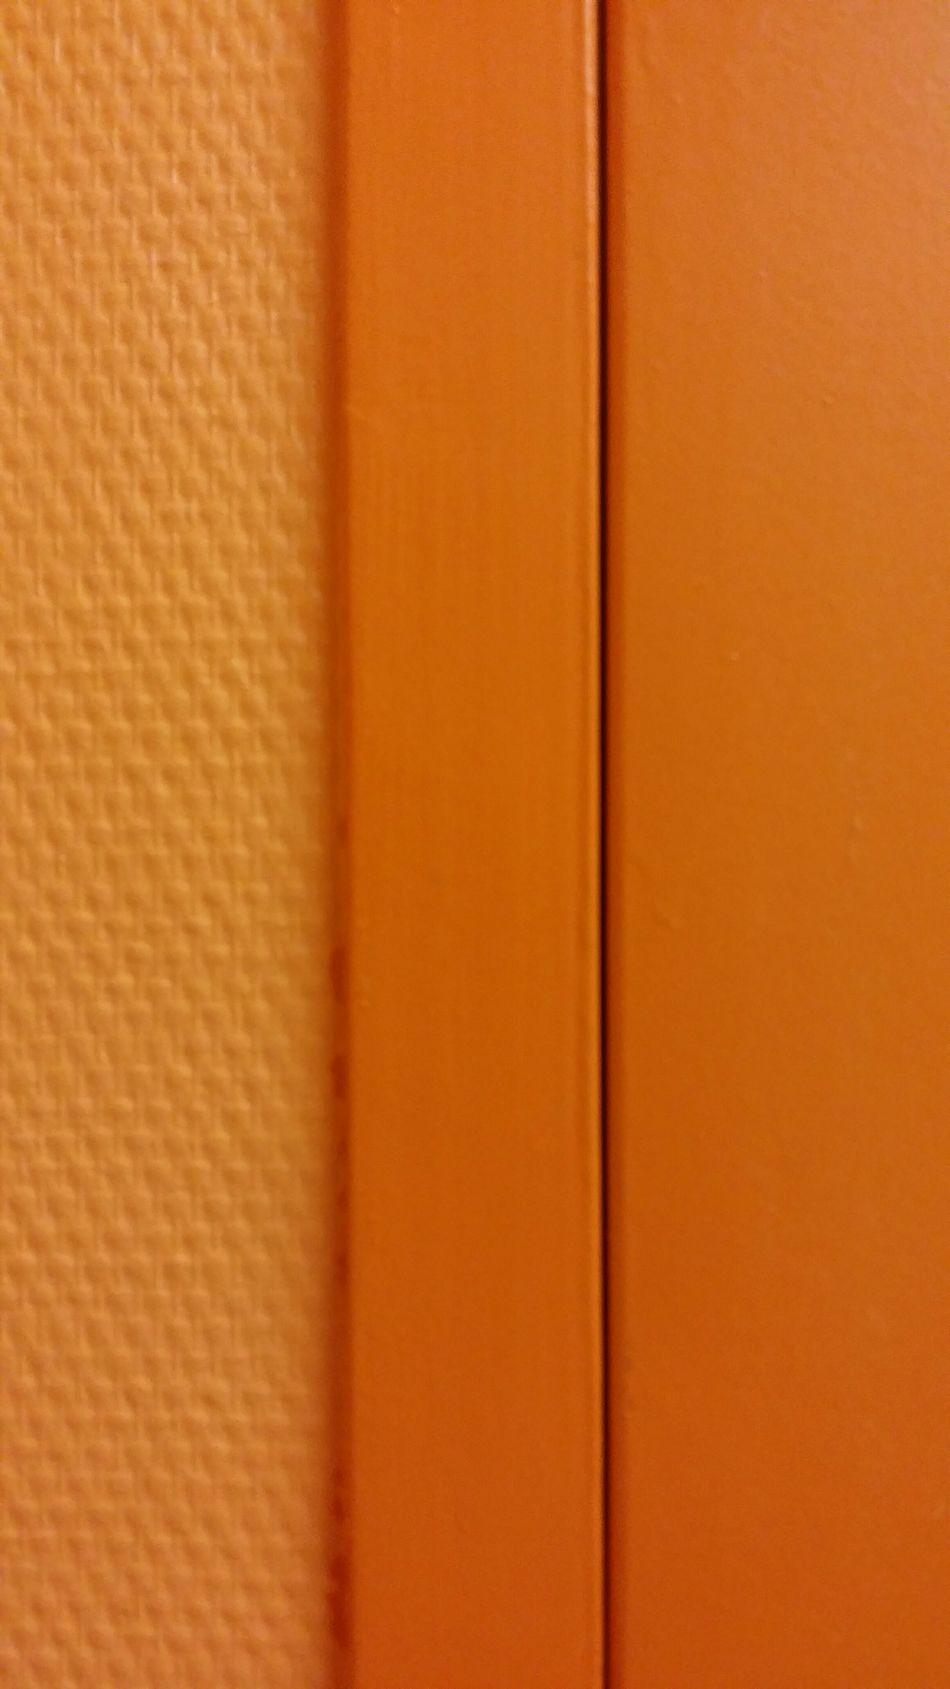 Beautiful stock photos of door, Abstract, Design, Door, Home